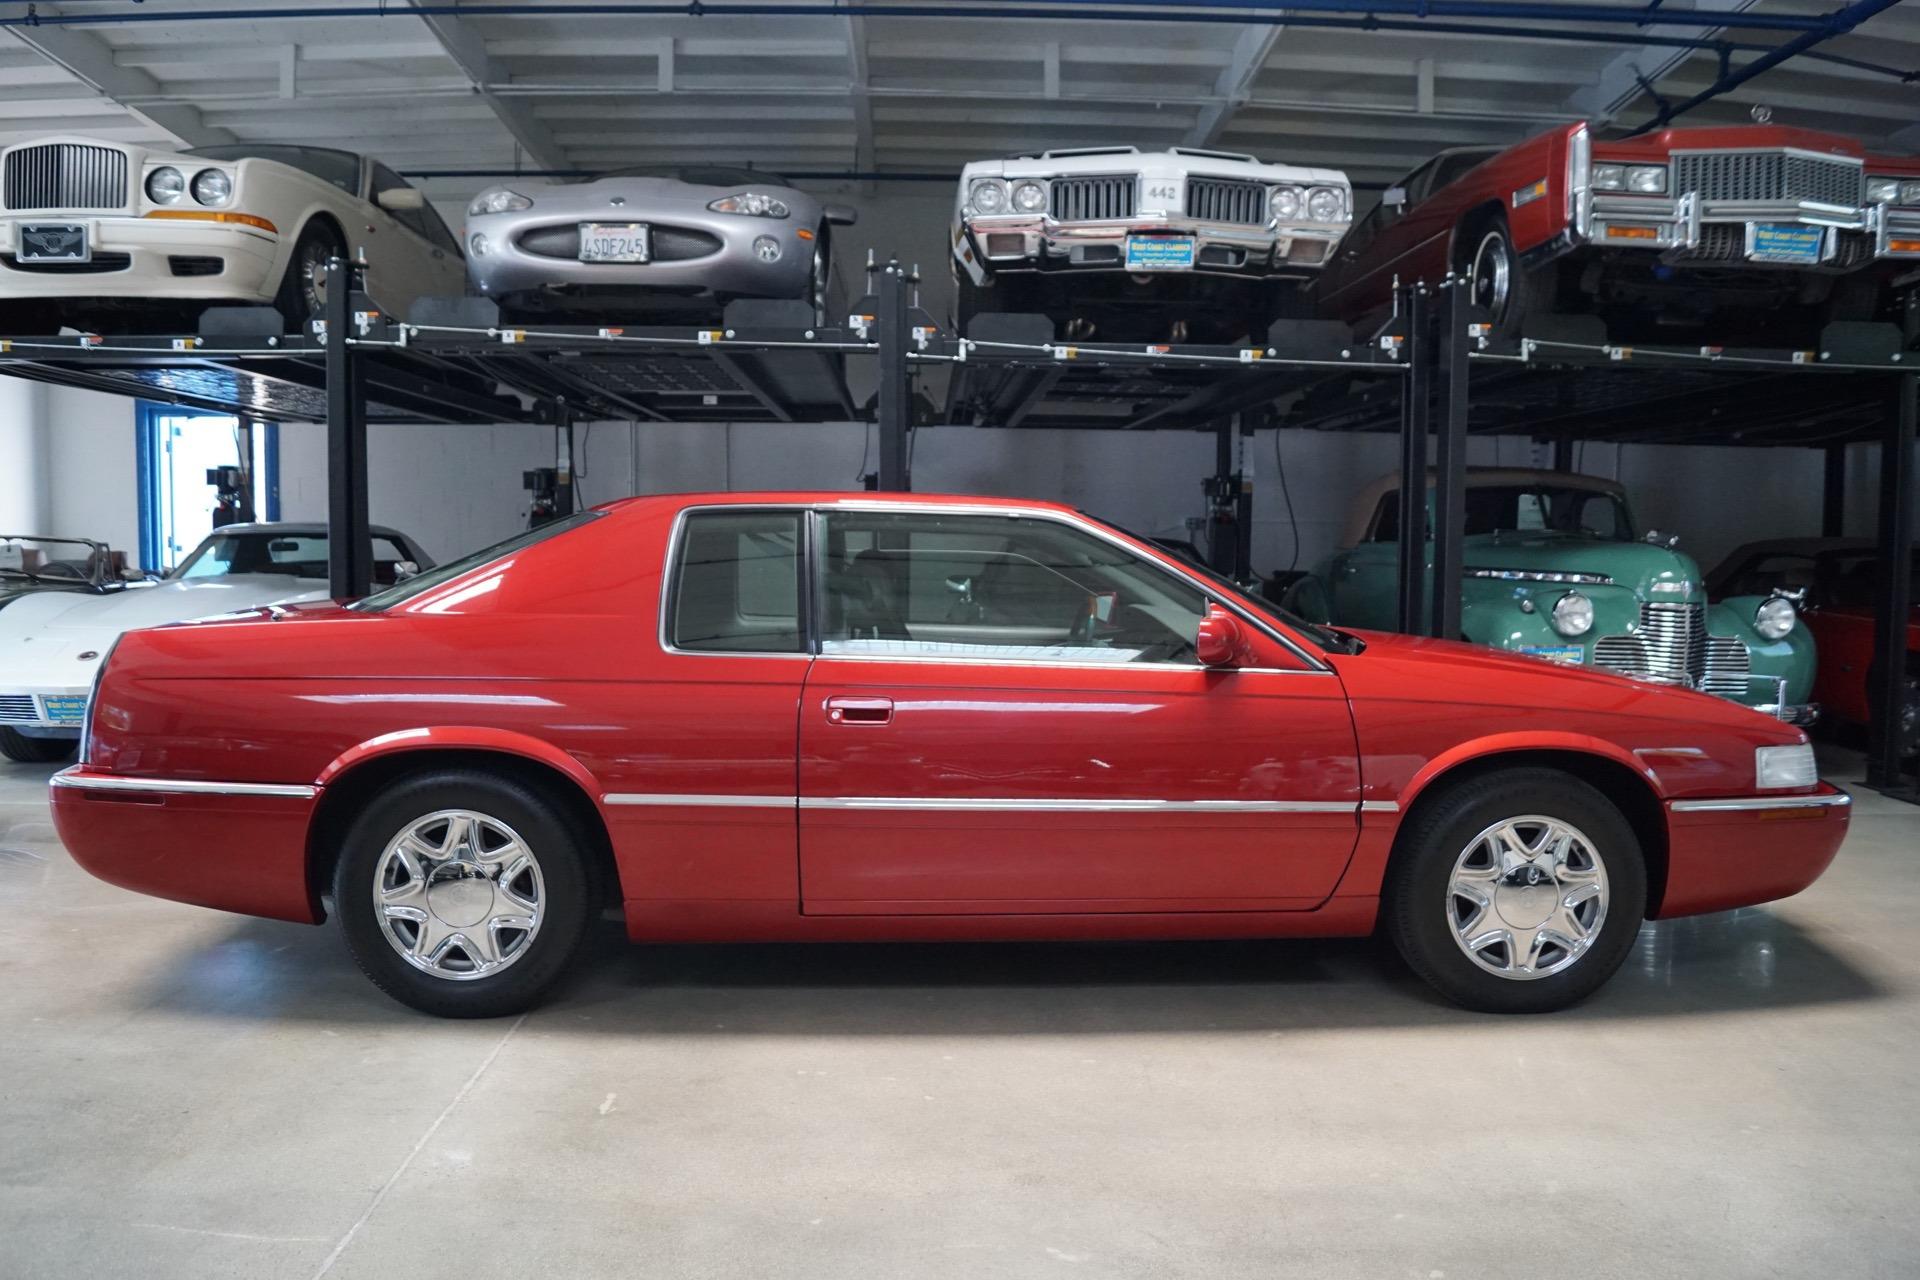 2002 Cadillac Eldorado For Sale! - Used Cadillac Eldorado for sale in Torrance, California